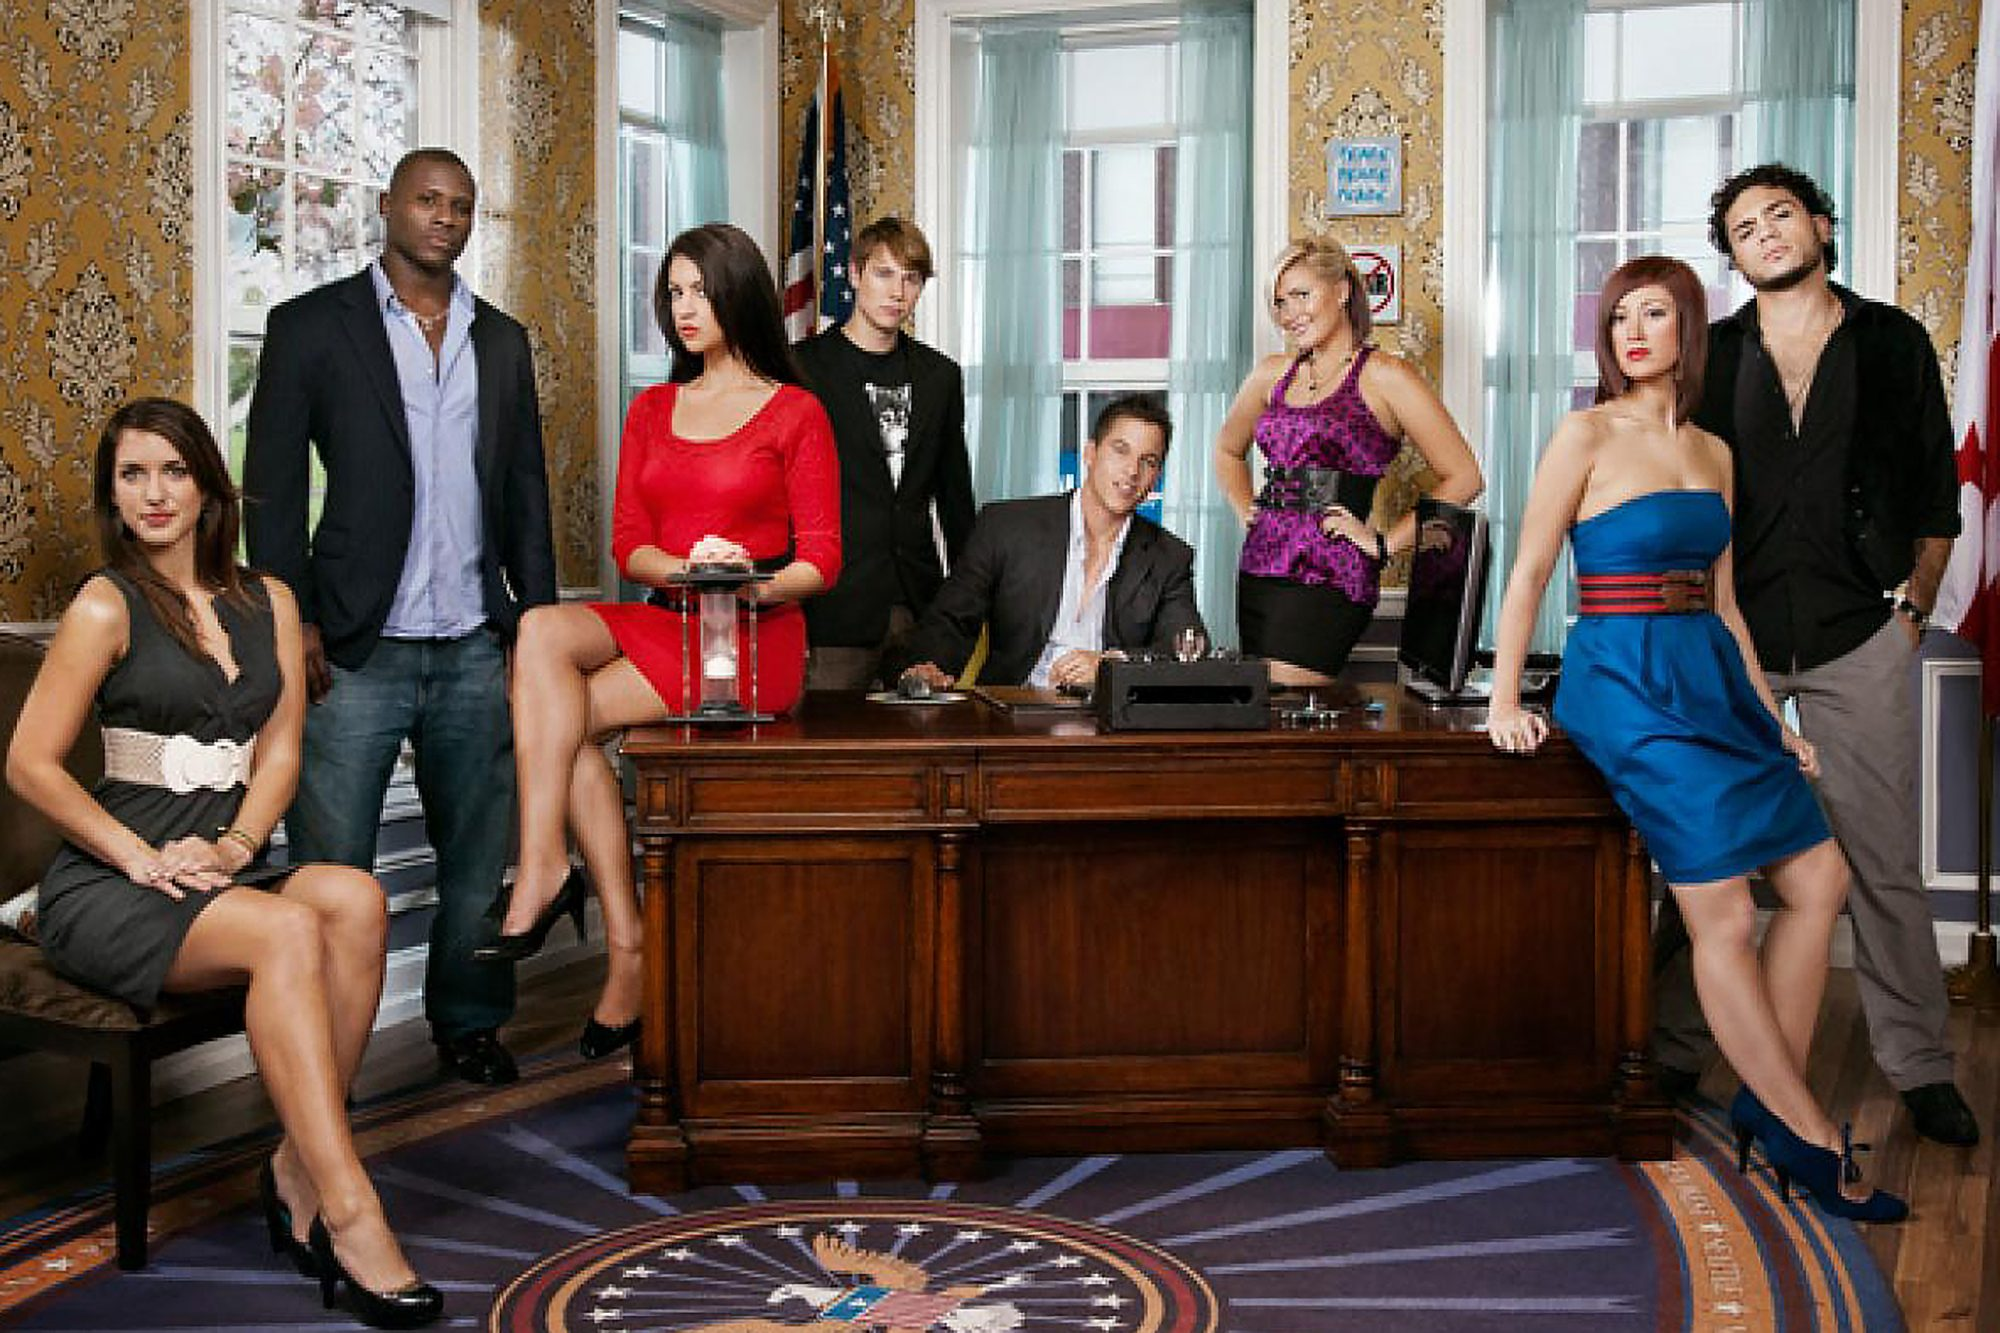 21. Season 23: D.C. (2009-2010)